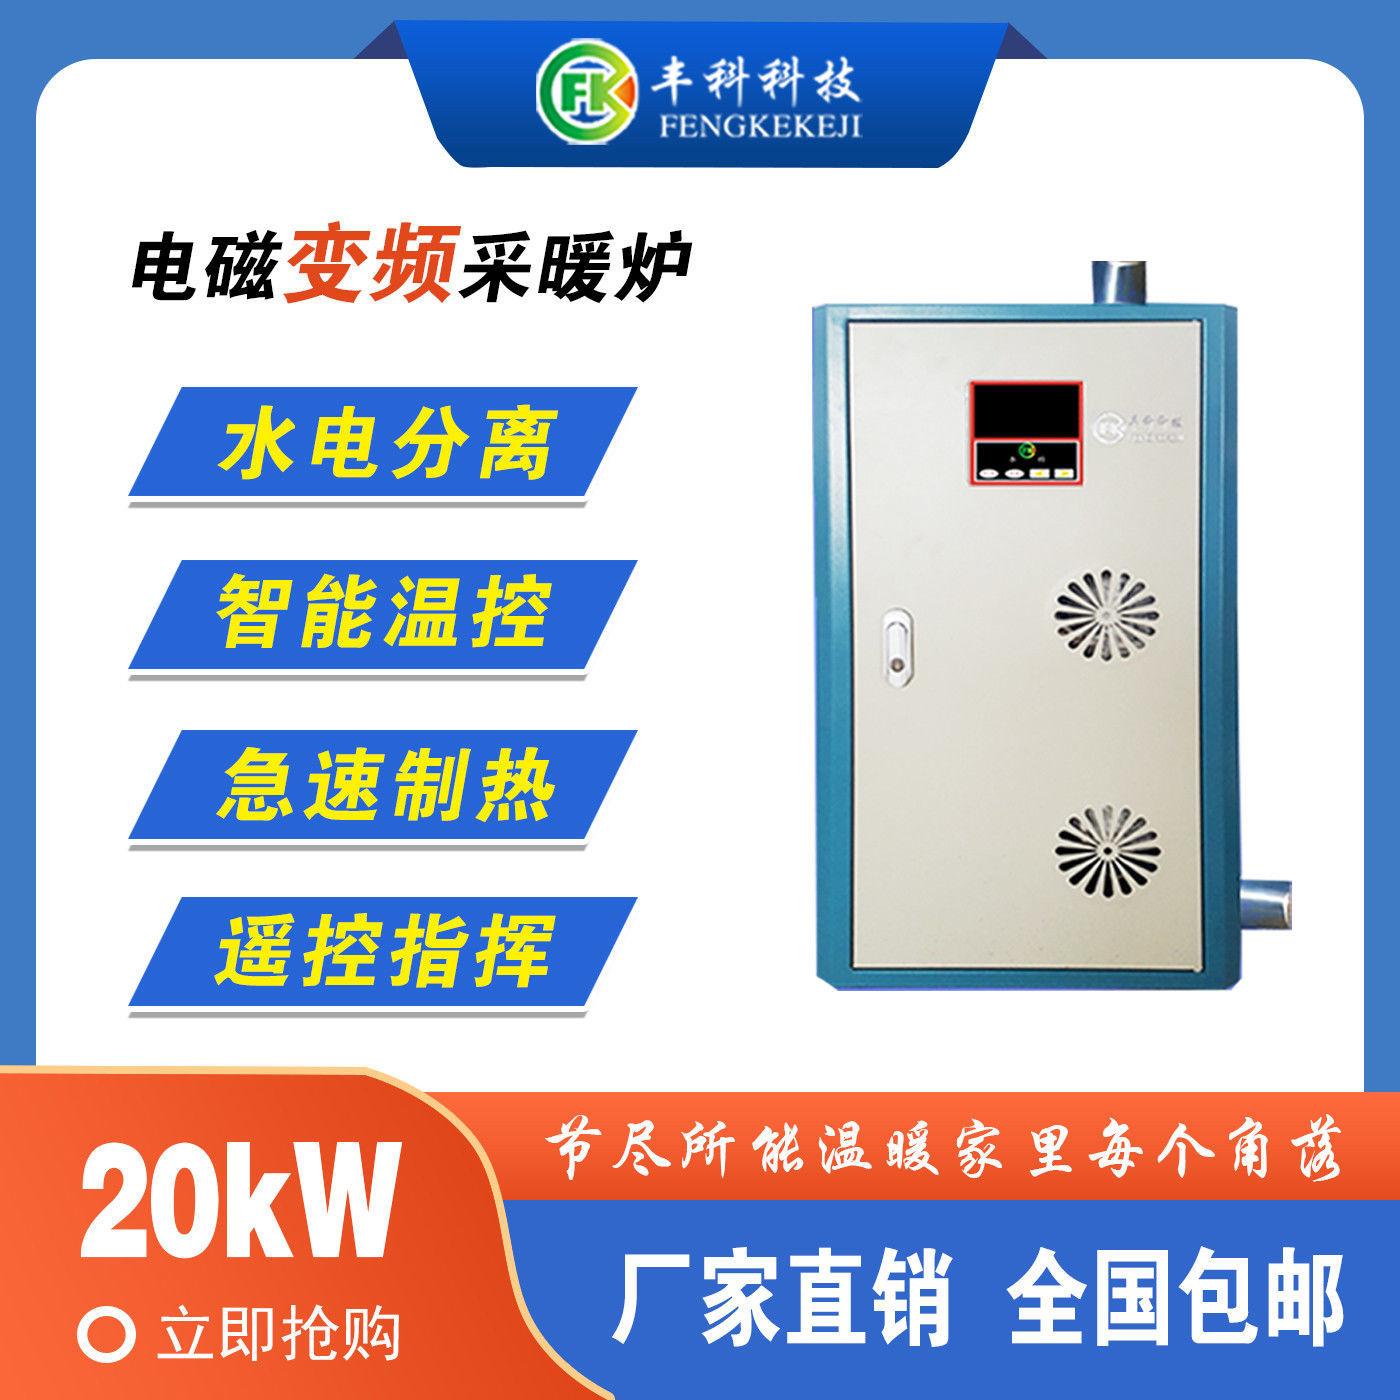 380电压20kW丰科变频电磁采暖炉环保节能家用取暖器